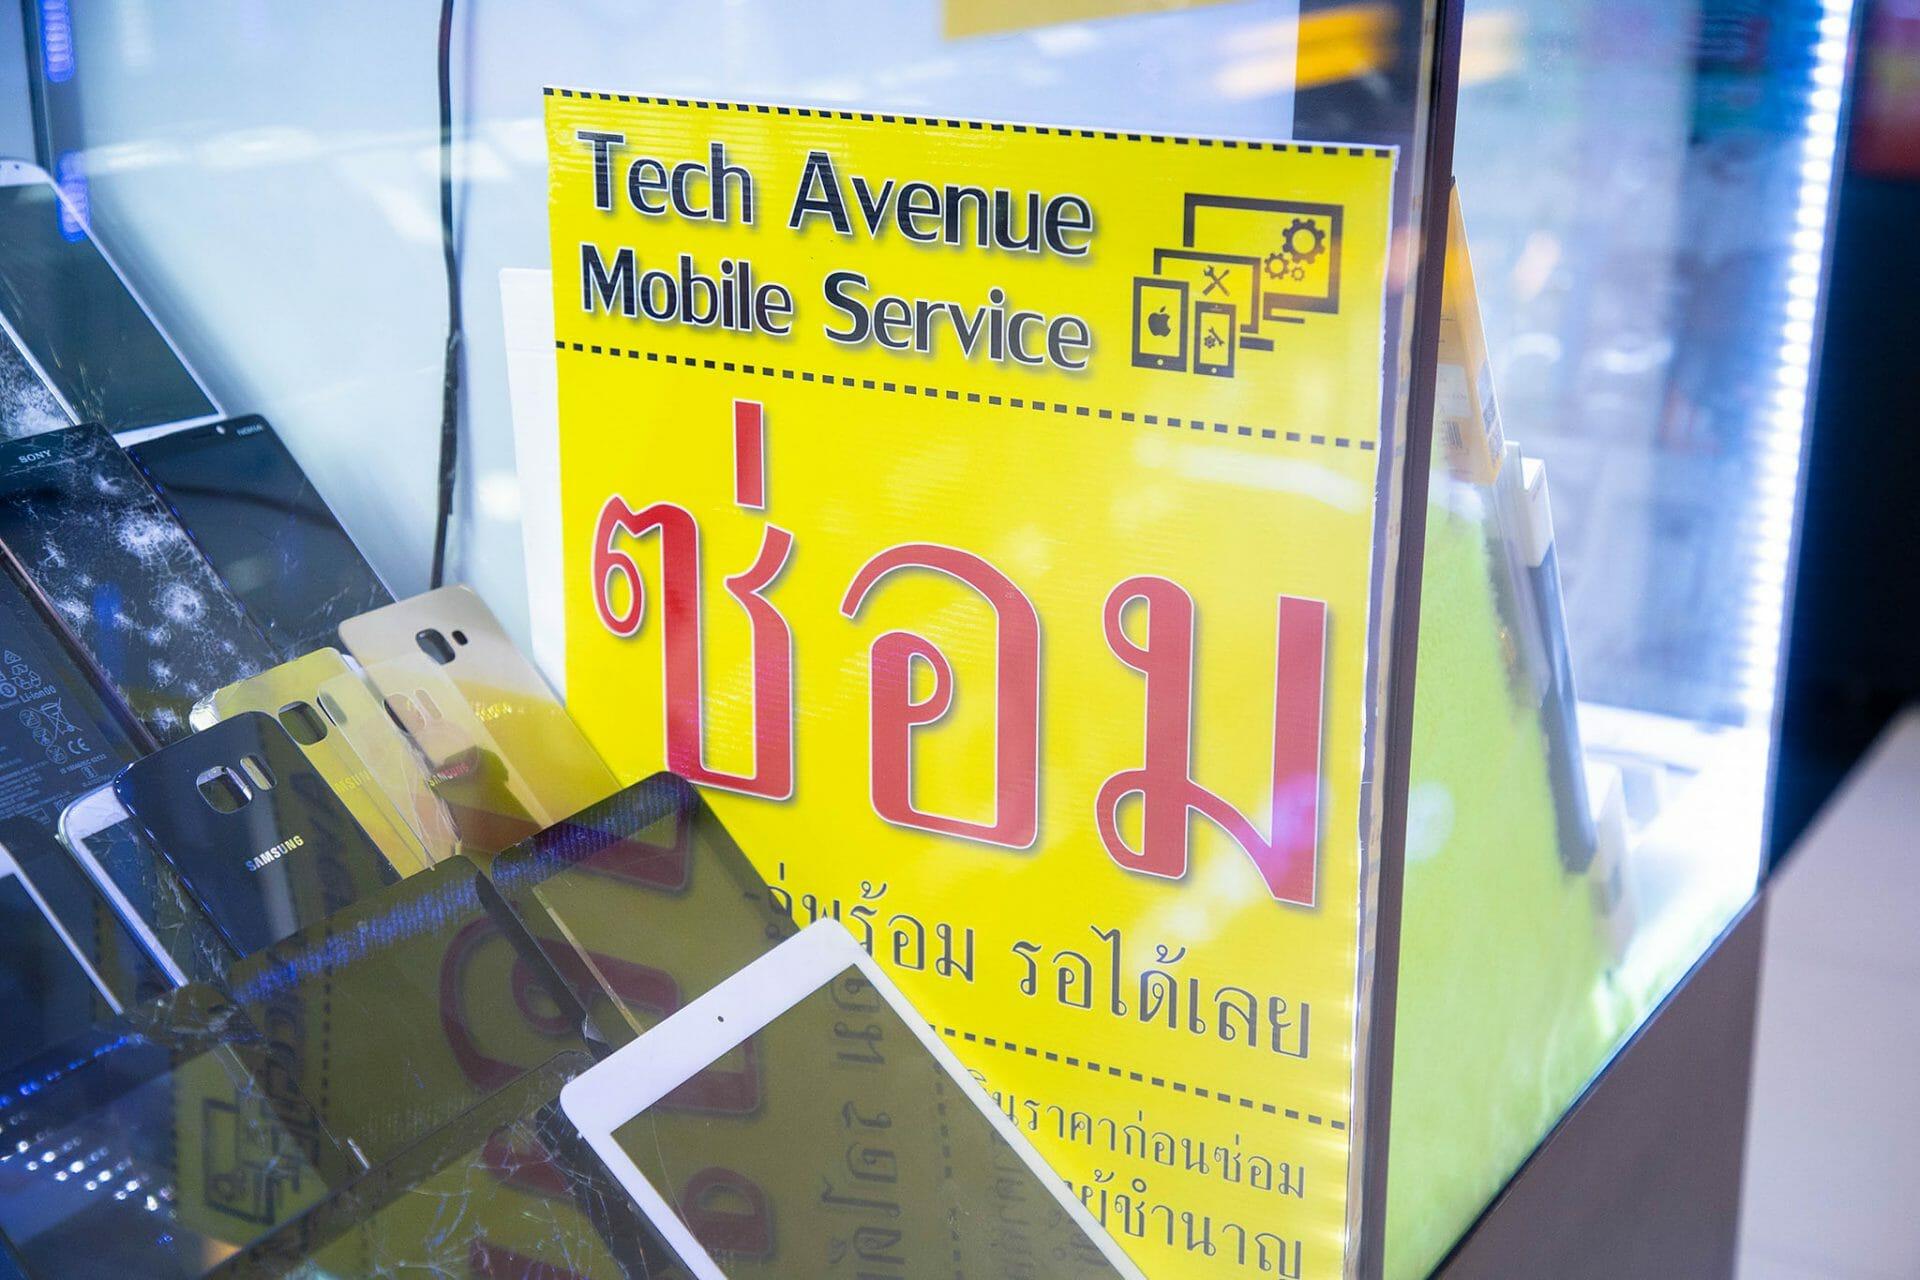 ซ่อมมือถือ แถวโซน สี่แยกพระราม 9 ร้านไหนดี ราคาถูก  x1f3c6 ศูนย์ซ่อม โทรศัพท์มือถือ x2705 Notebook ที่ดีที่สุด x1f947